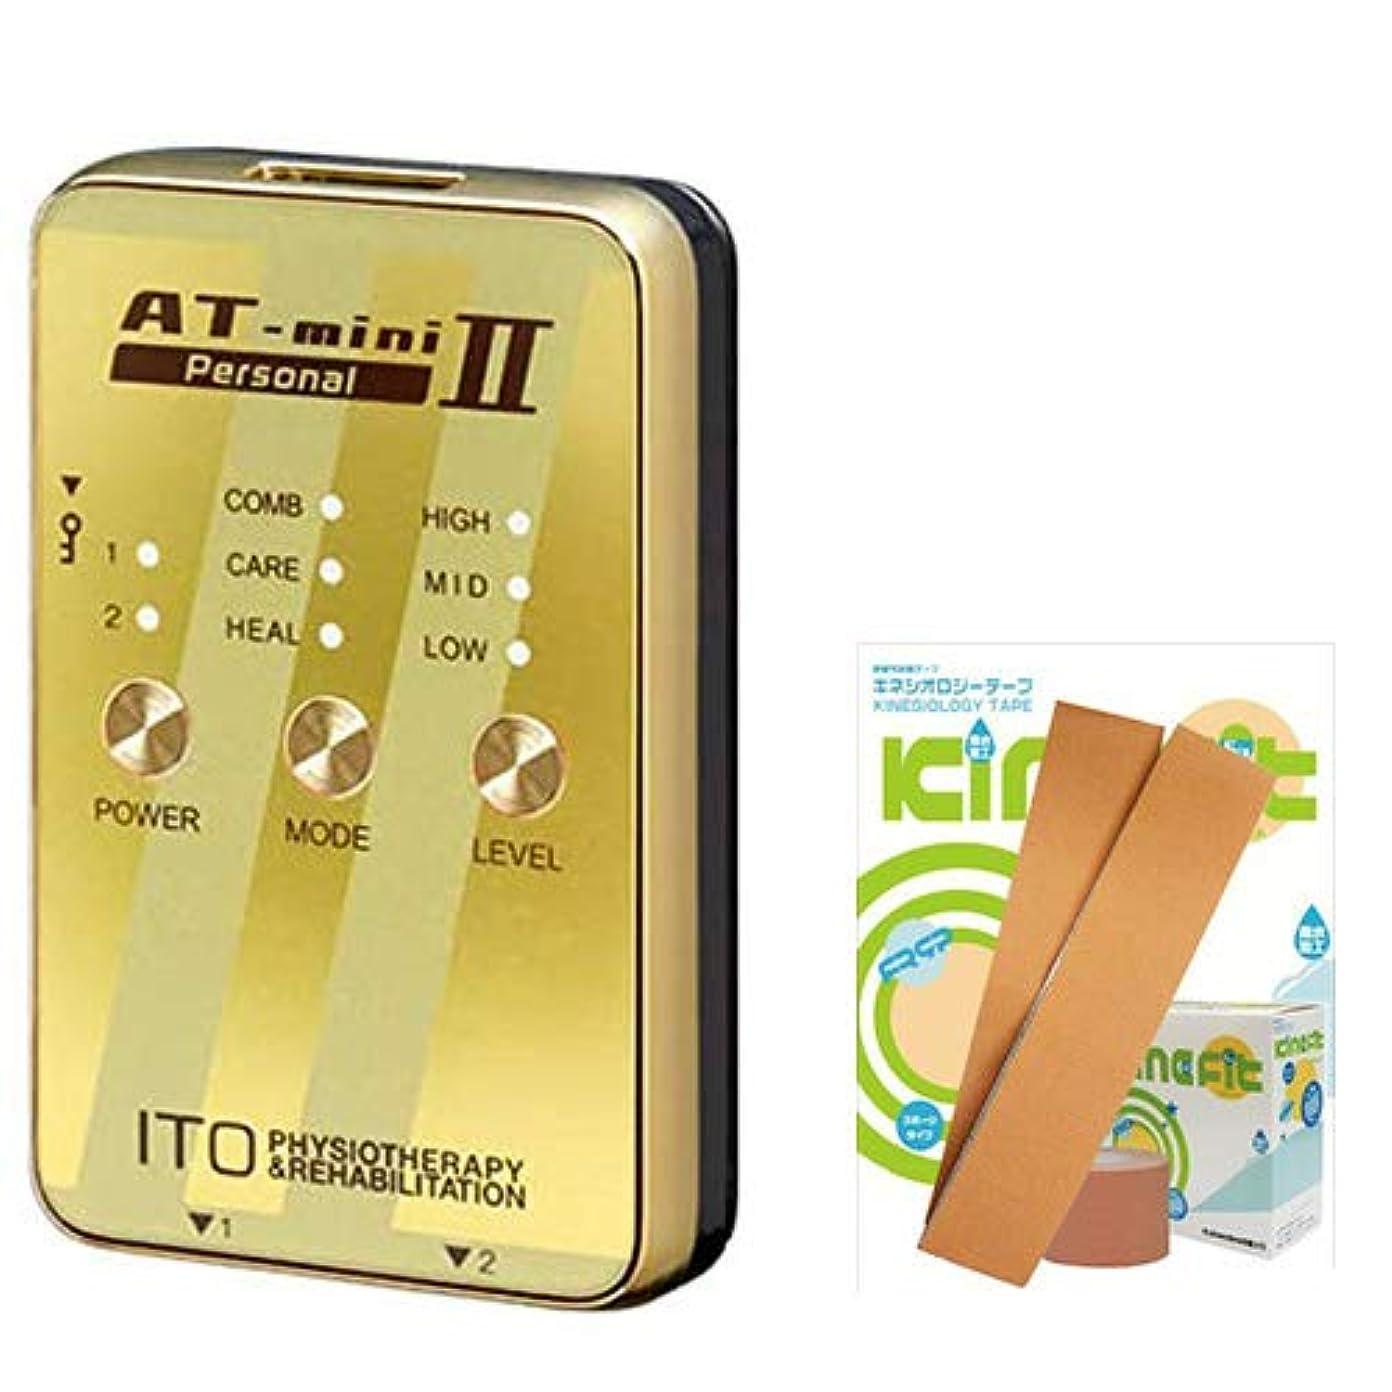 ギャングスター汚れる無許可低周波治療器 AT-mini personal II ゴールド (ATミニパーソナル2) +キネフィットテープ50cmセット